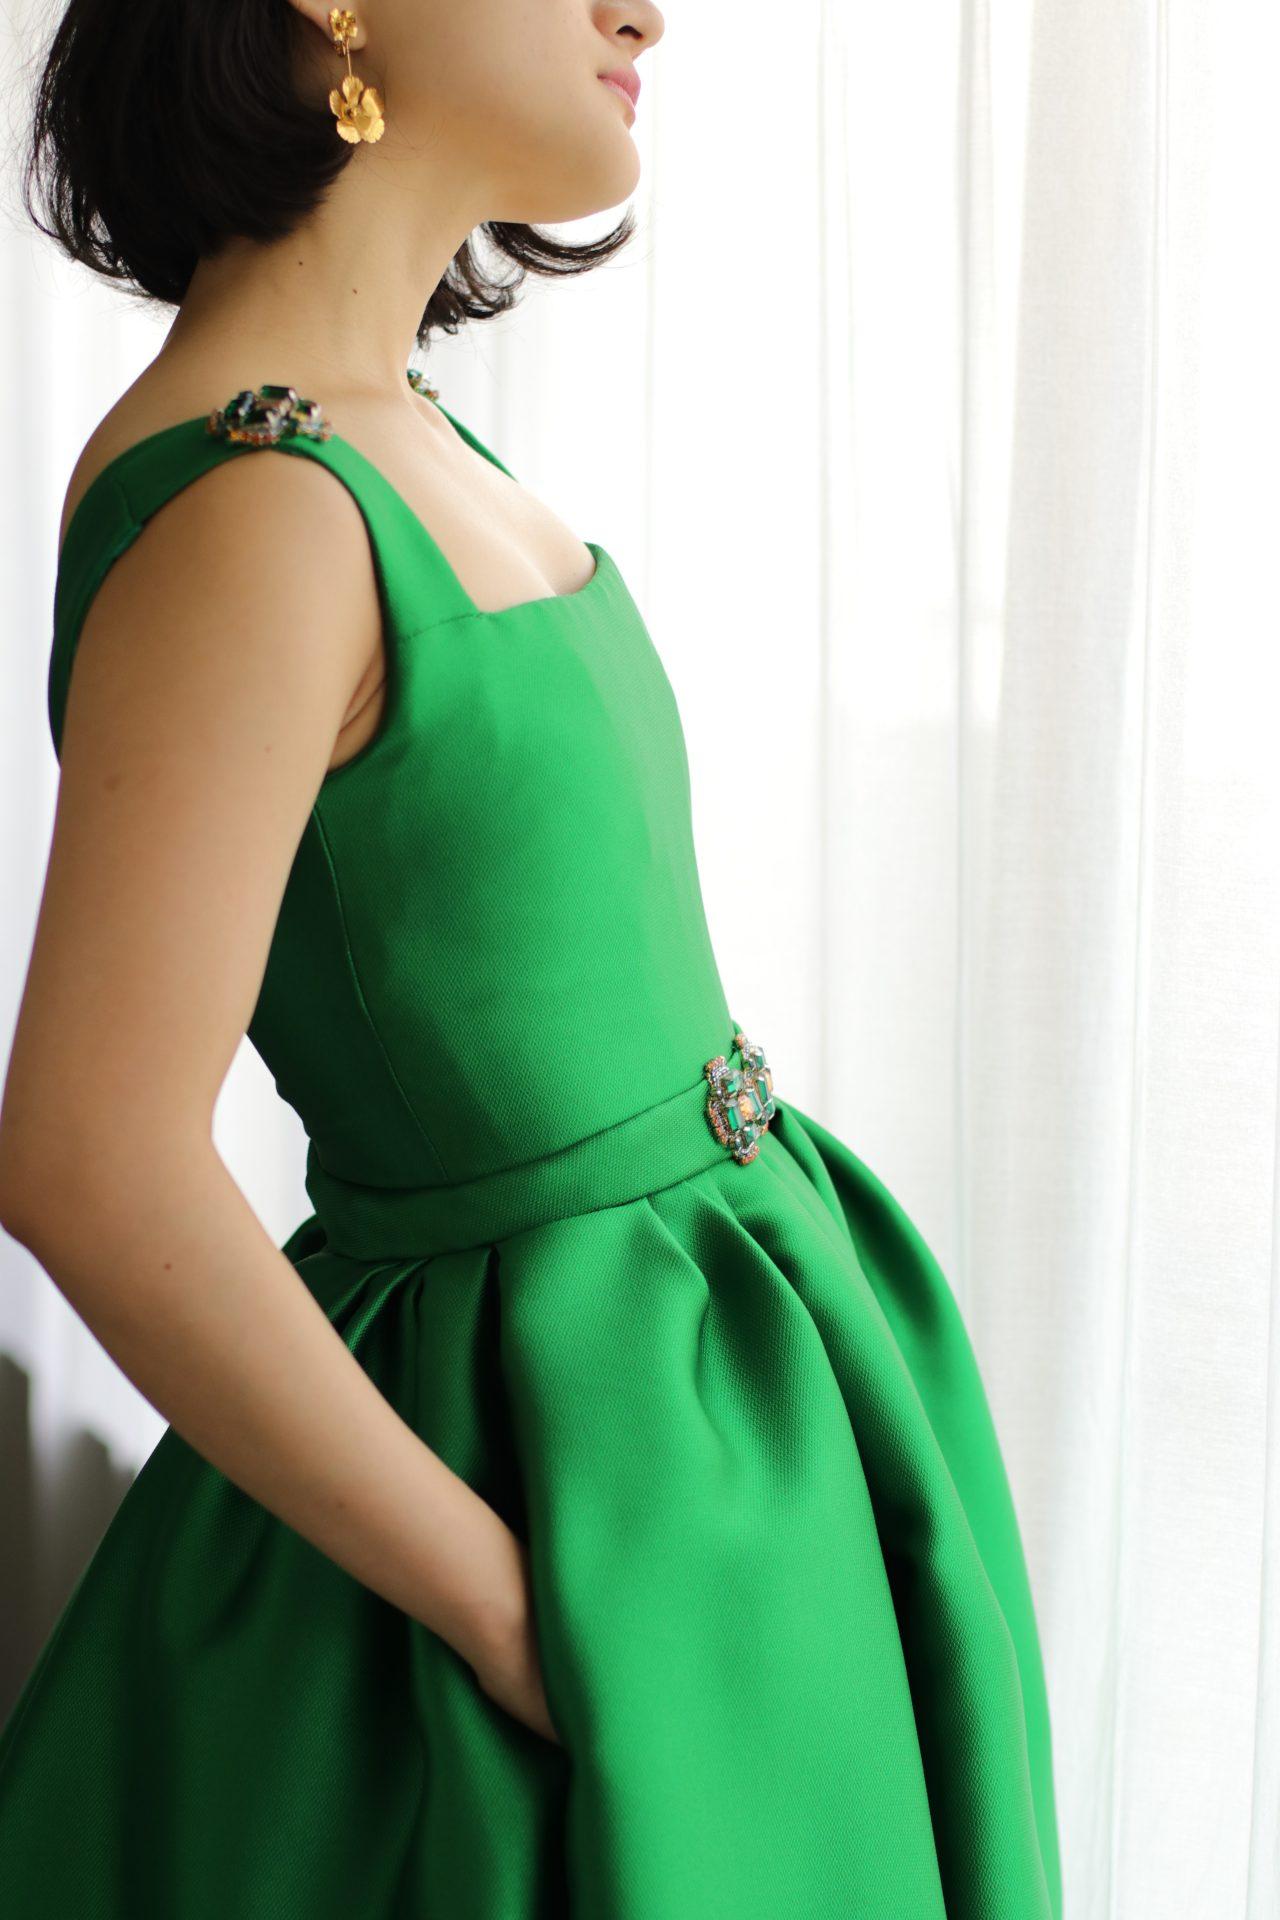 東京表参道にあるドレスショップザ・トリート・ドレッシングアディション店に、日本の花嫁様から絶大な人気を誇るリームアクラより、上品なグリーンの新作カラードレスが入荷いたしました。